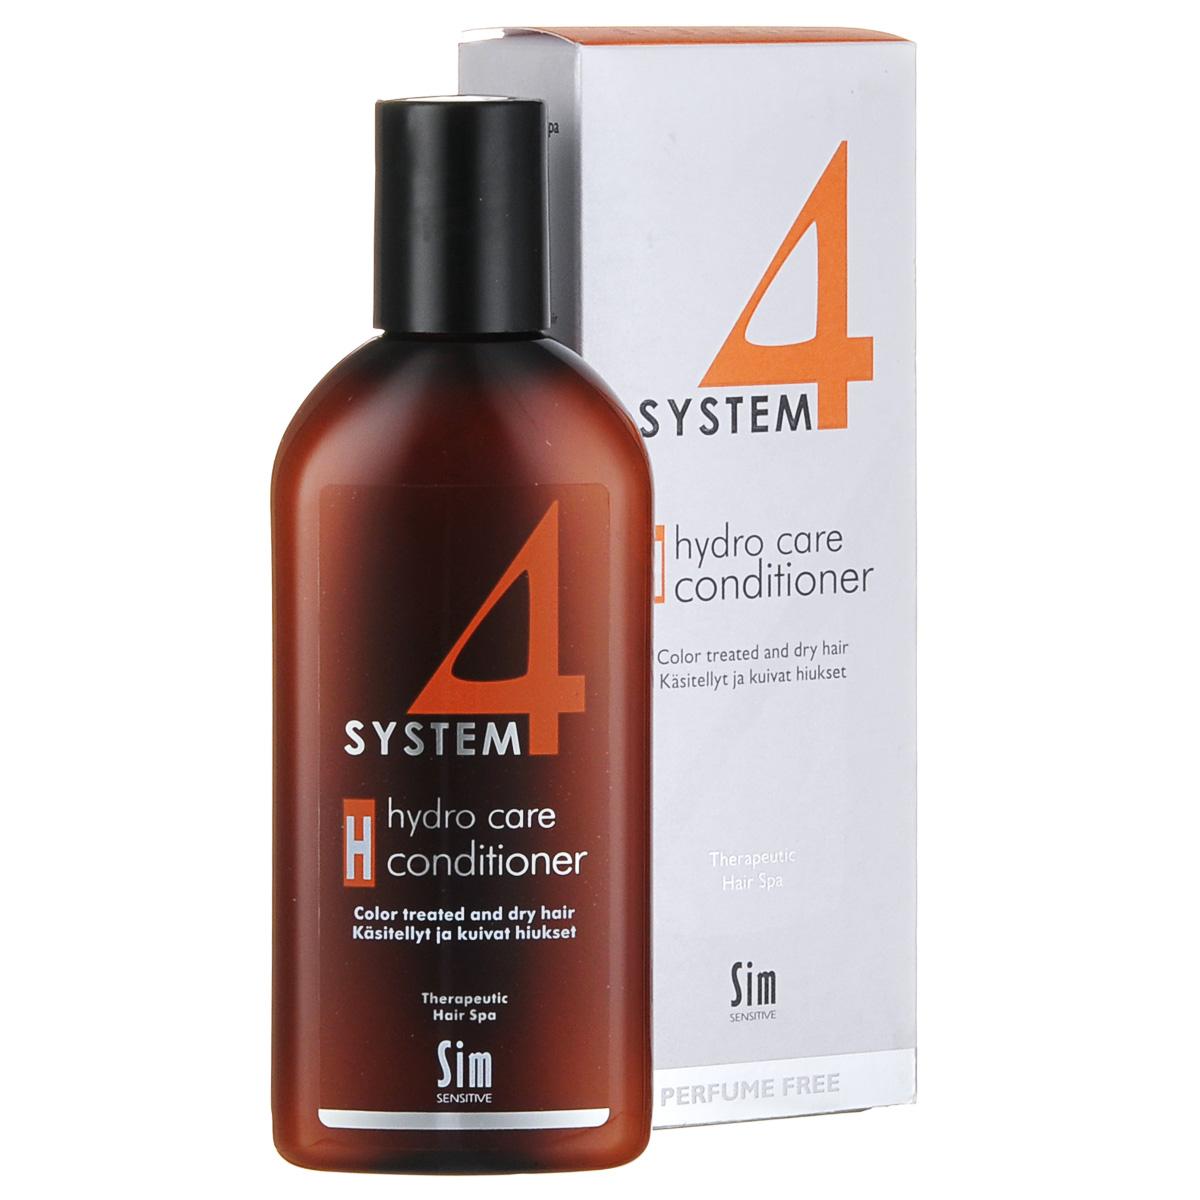 SIM SENSITIVE Терапевтический бальзам H SYSTEM 4 Hydro Care Conditioner «Н» , 215 мл5307КАК РАБОТАЕТ: комплекс пшеничных и растительных протеинов питает волосы и насыщает влагой сухие и поврежденные волосы. Климбазол и пироктон оламин усиливают и подкрепляют действие терапевтических шампуней «Систем 4». Бальзам улучшает структуру волоса, придает послушность и шелковистость. БОРЕТСЯ С: сухостью волос, непослушностью, спутыванием волос расслоением стержня волоса поврежденностью и стрессом волос после окрашивания, химической обработки, частого воздействия горячих температур (фен, утюжки)